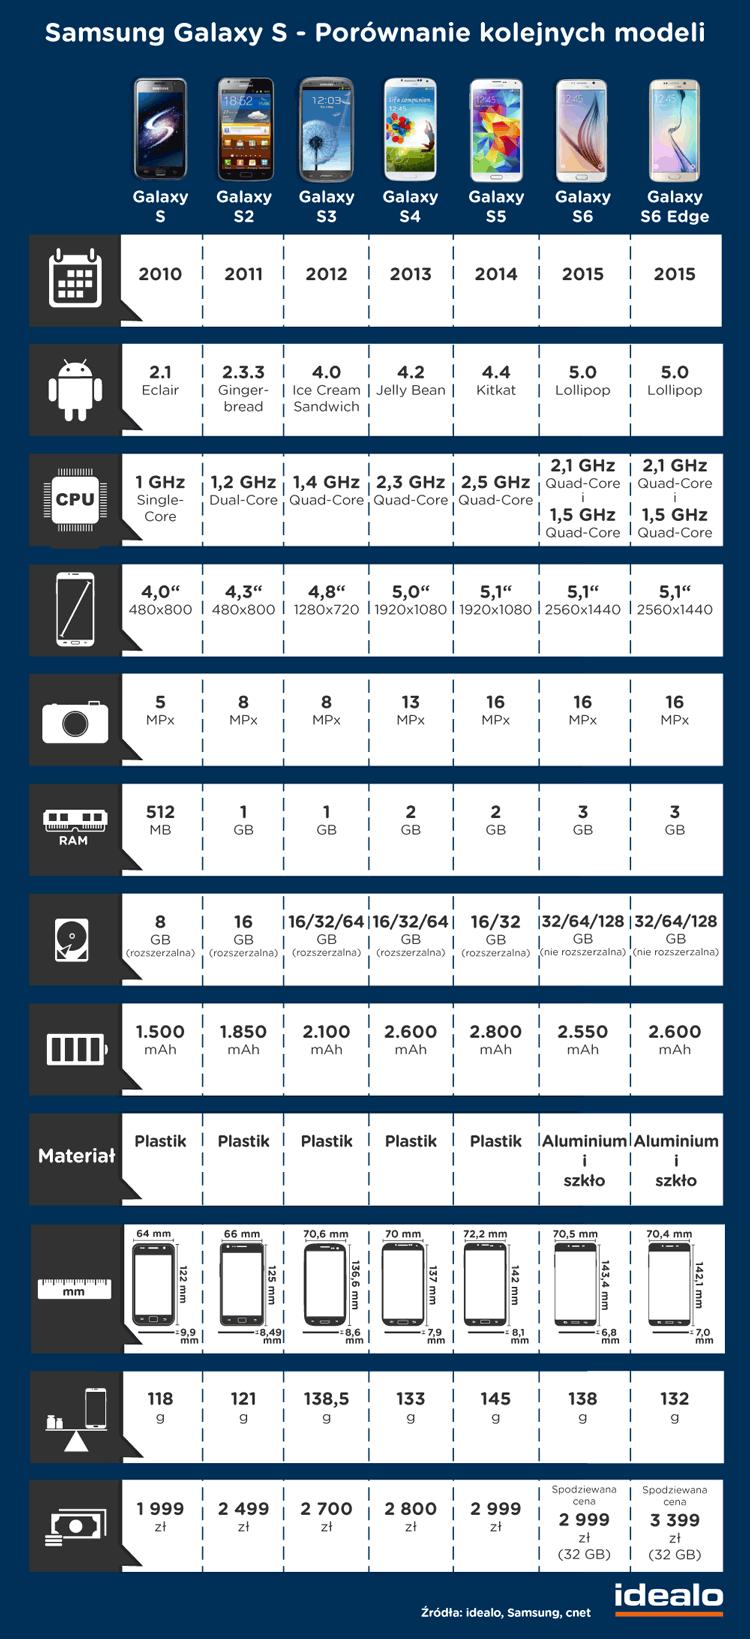 Porównanie Sasmunga Galaxy S6 z poprzednimi modelami